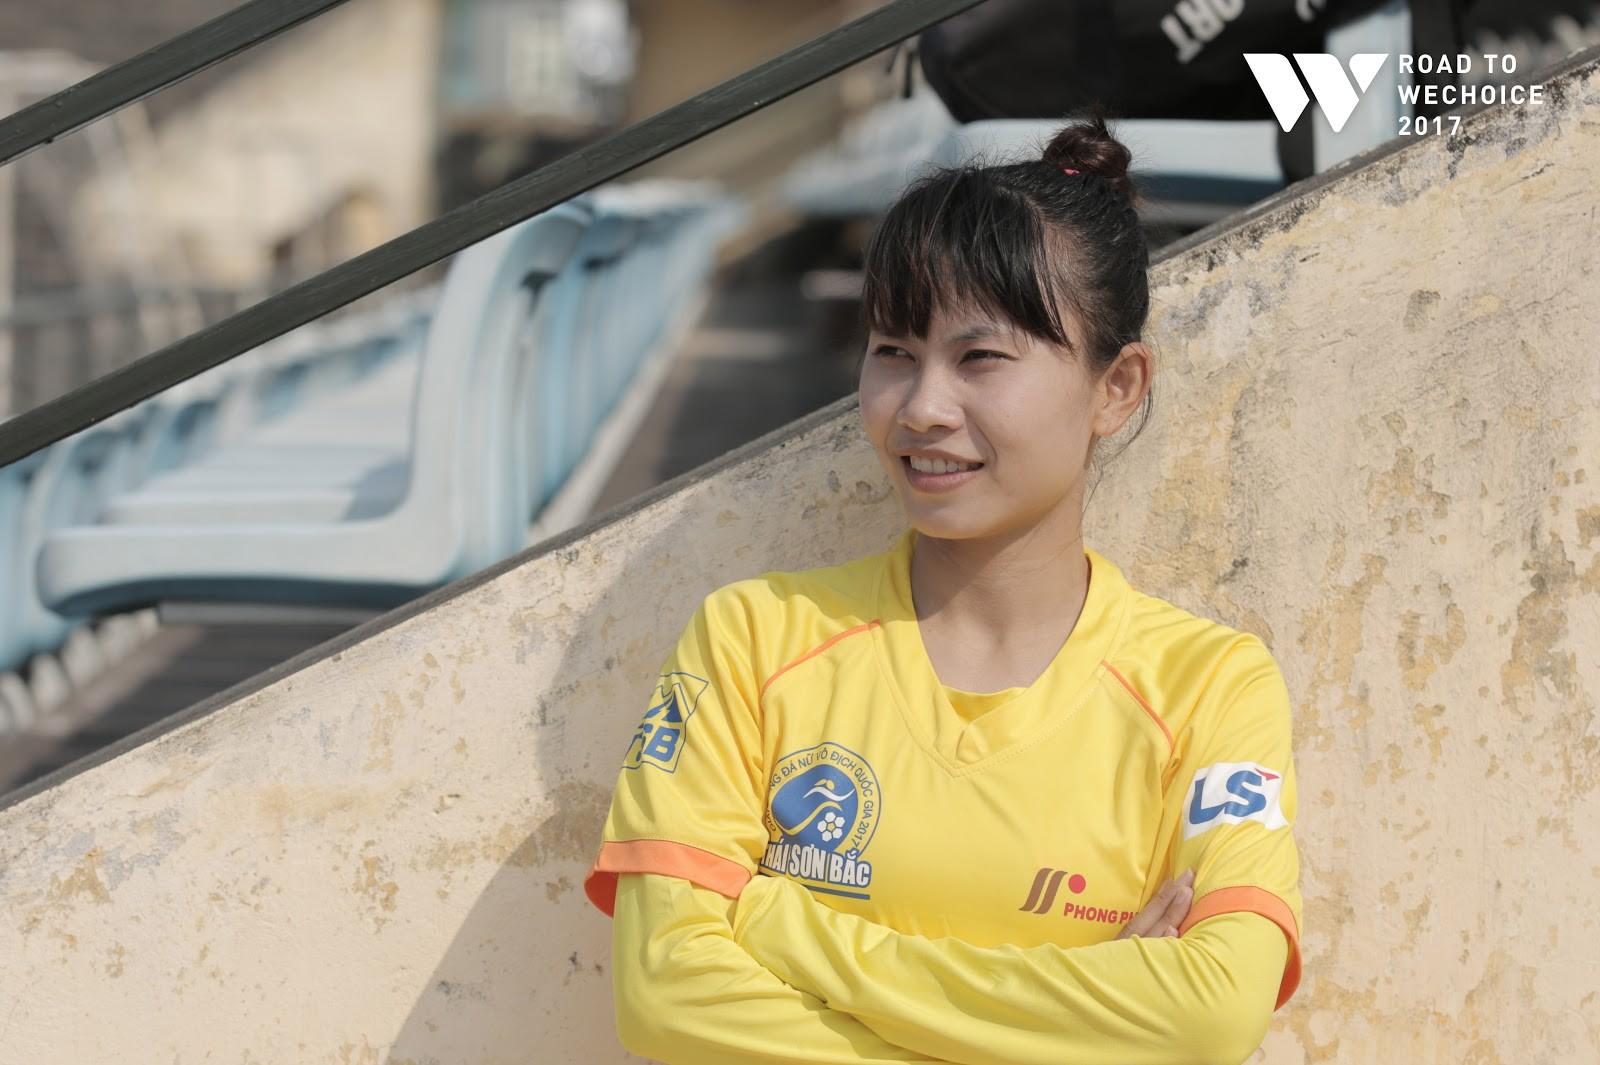 Nguyễn Thị Liễu: Hành trình vượt biến cố, trở thành người hùng cho bóng đá nữ - Ảnh 5.